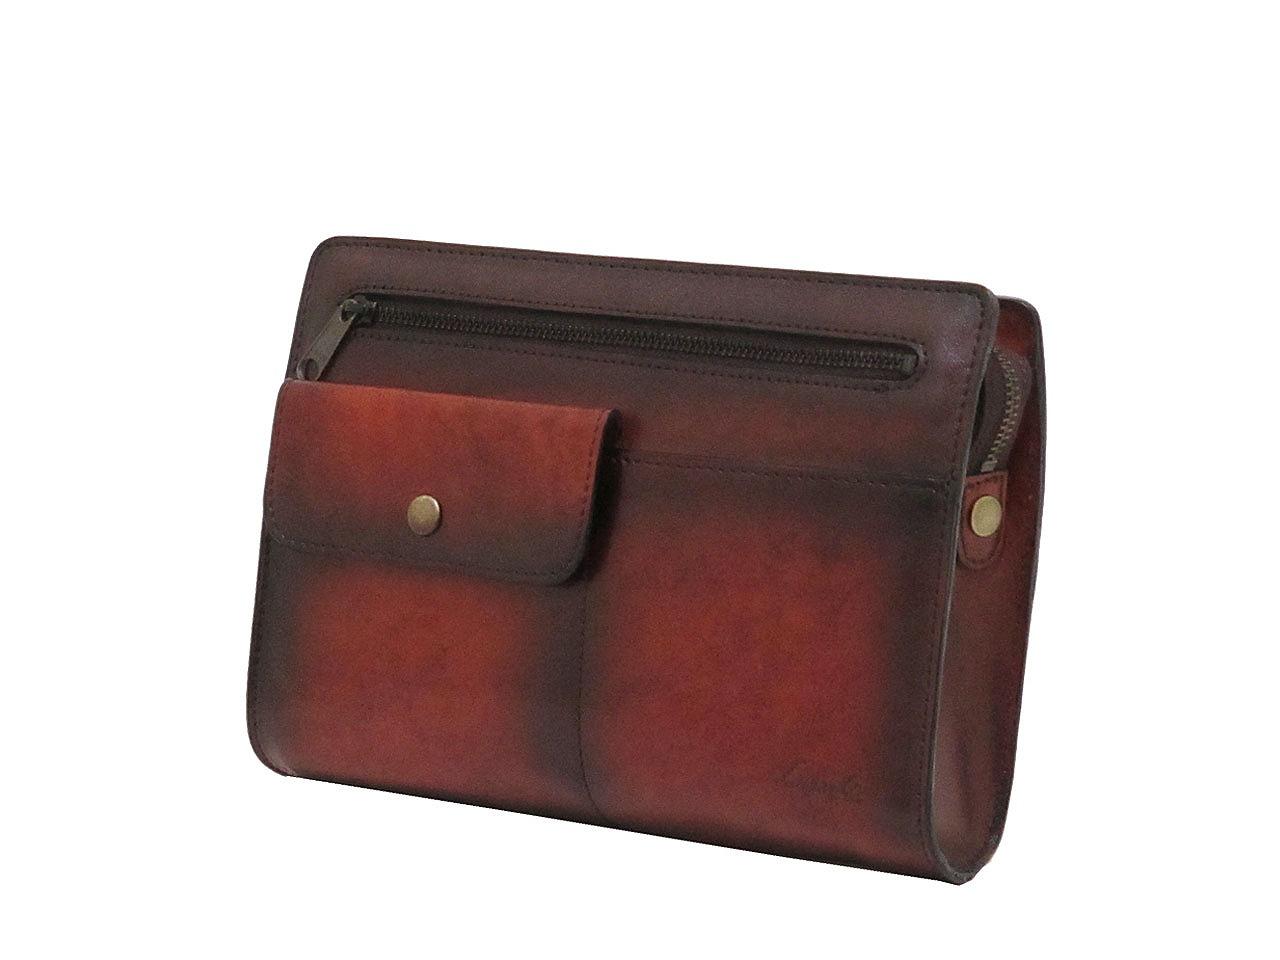 青木鞄 Lugard・G3 ラガード・ジースリー メンズ セカンドバッグ 5214 MADE IN JAPAN(日本製)